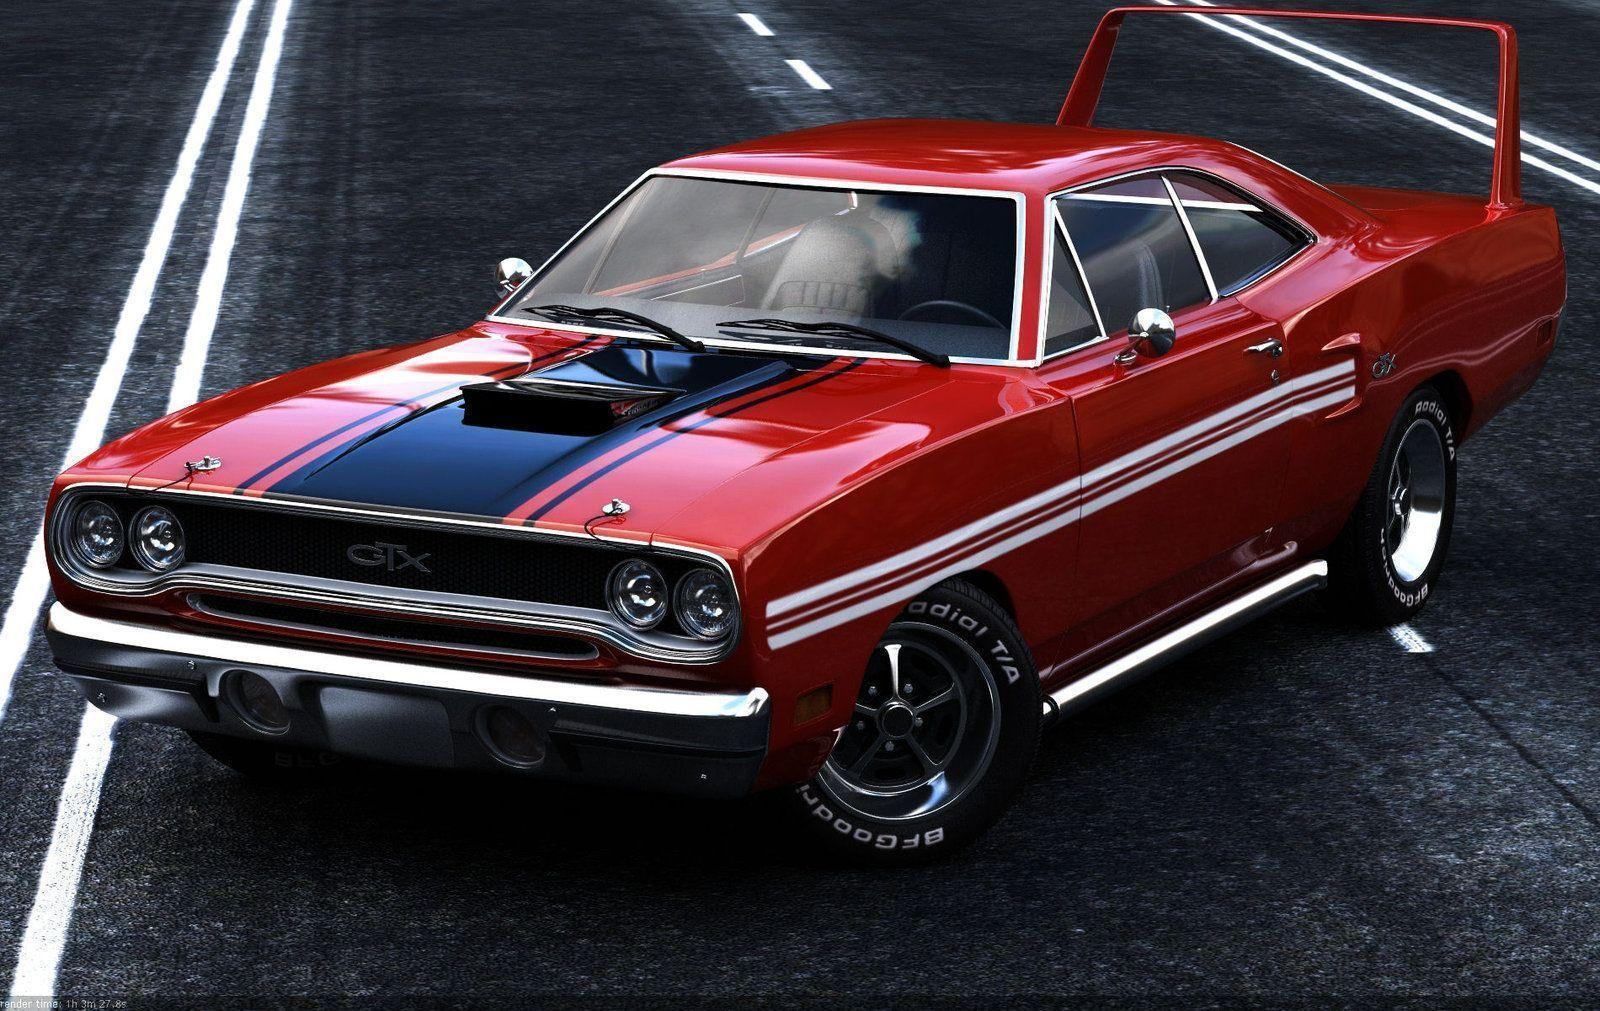 American Muscle Car Wallpaper | Wallpaper Download